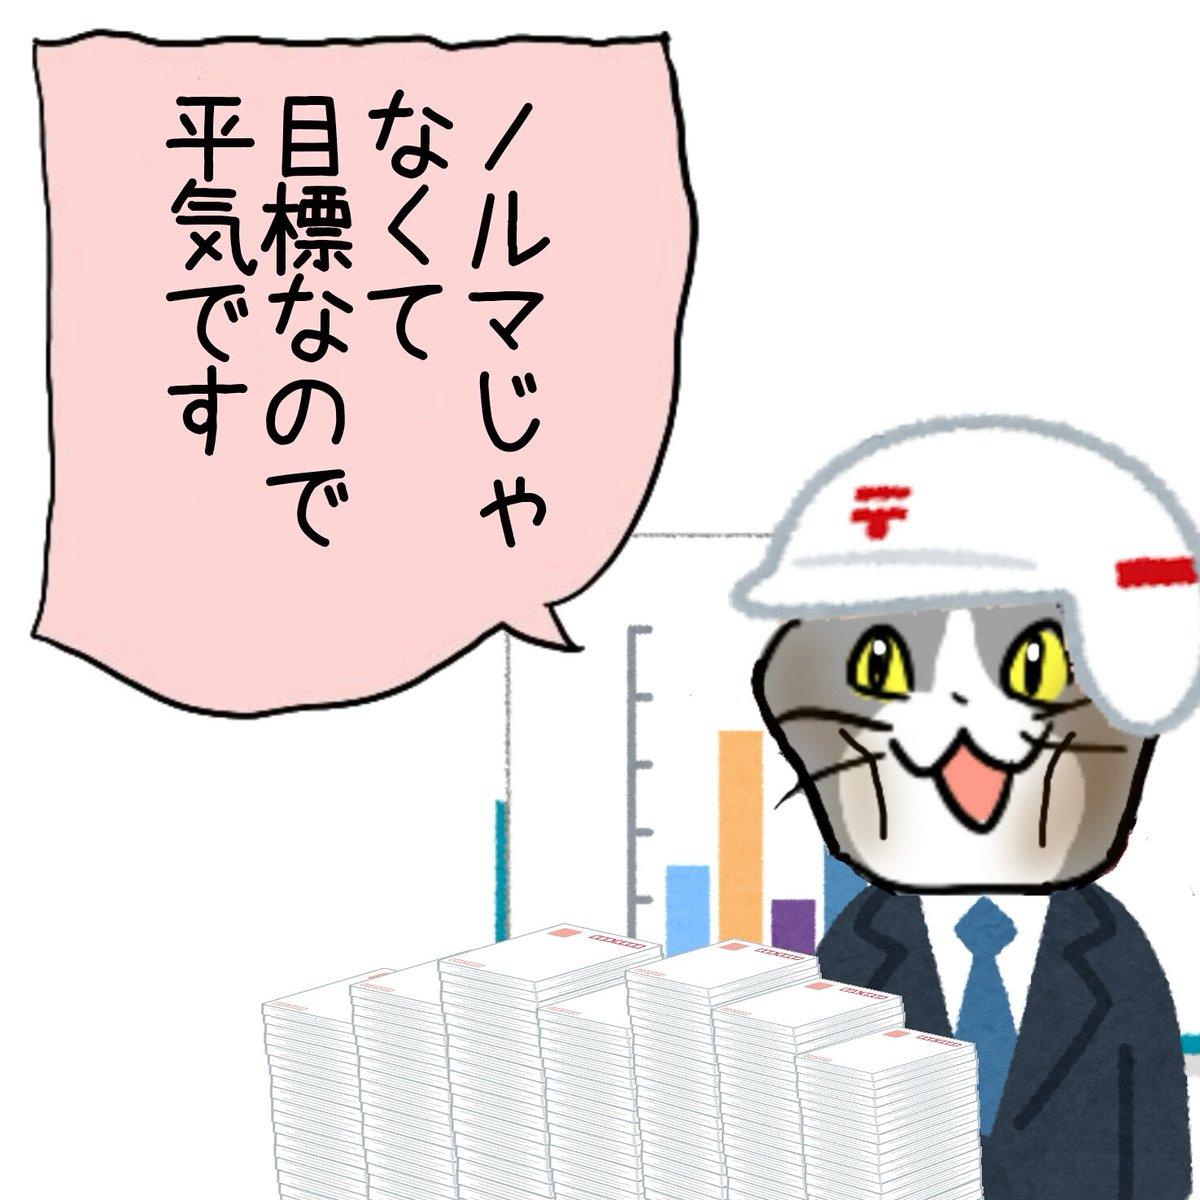 若田和希郵便局 【停電】足立区舎人で停電! カラスの巣が原因で漏電!?・・・情報がtwitterで拡散される